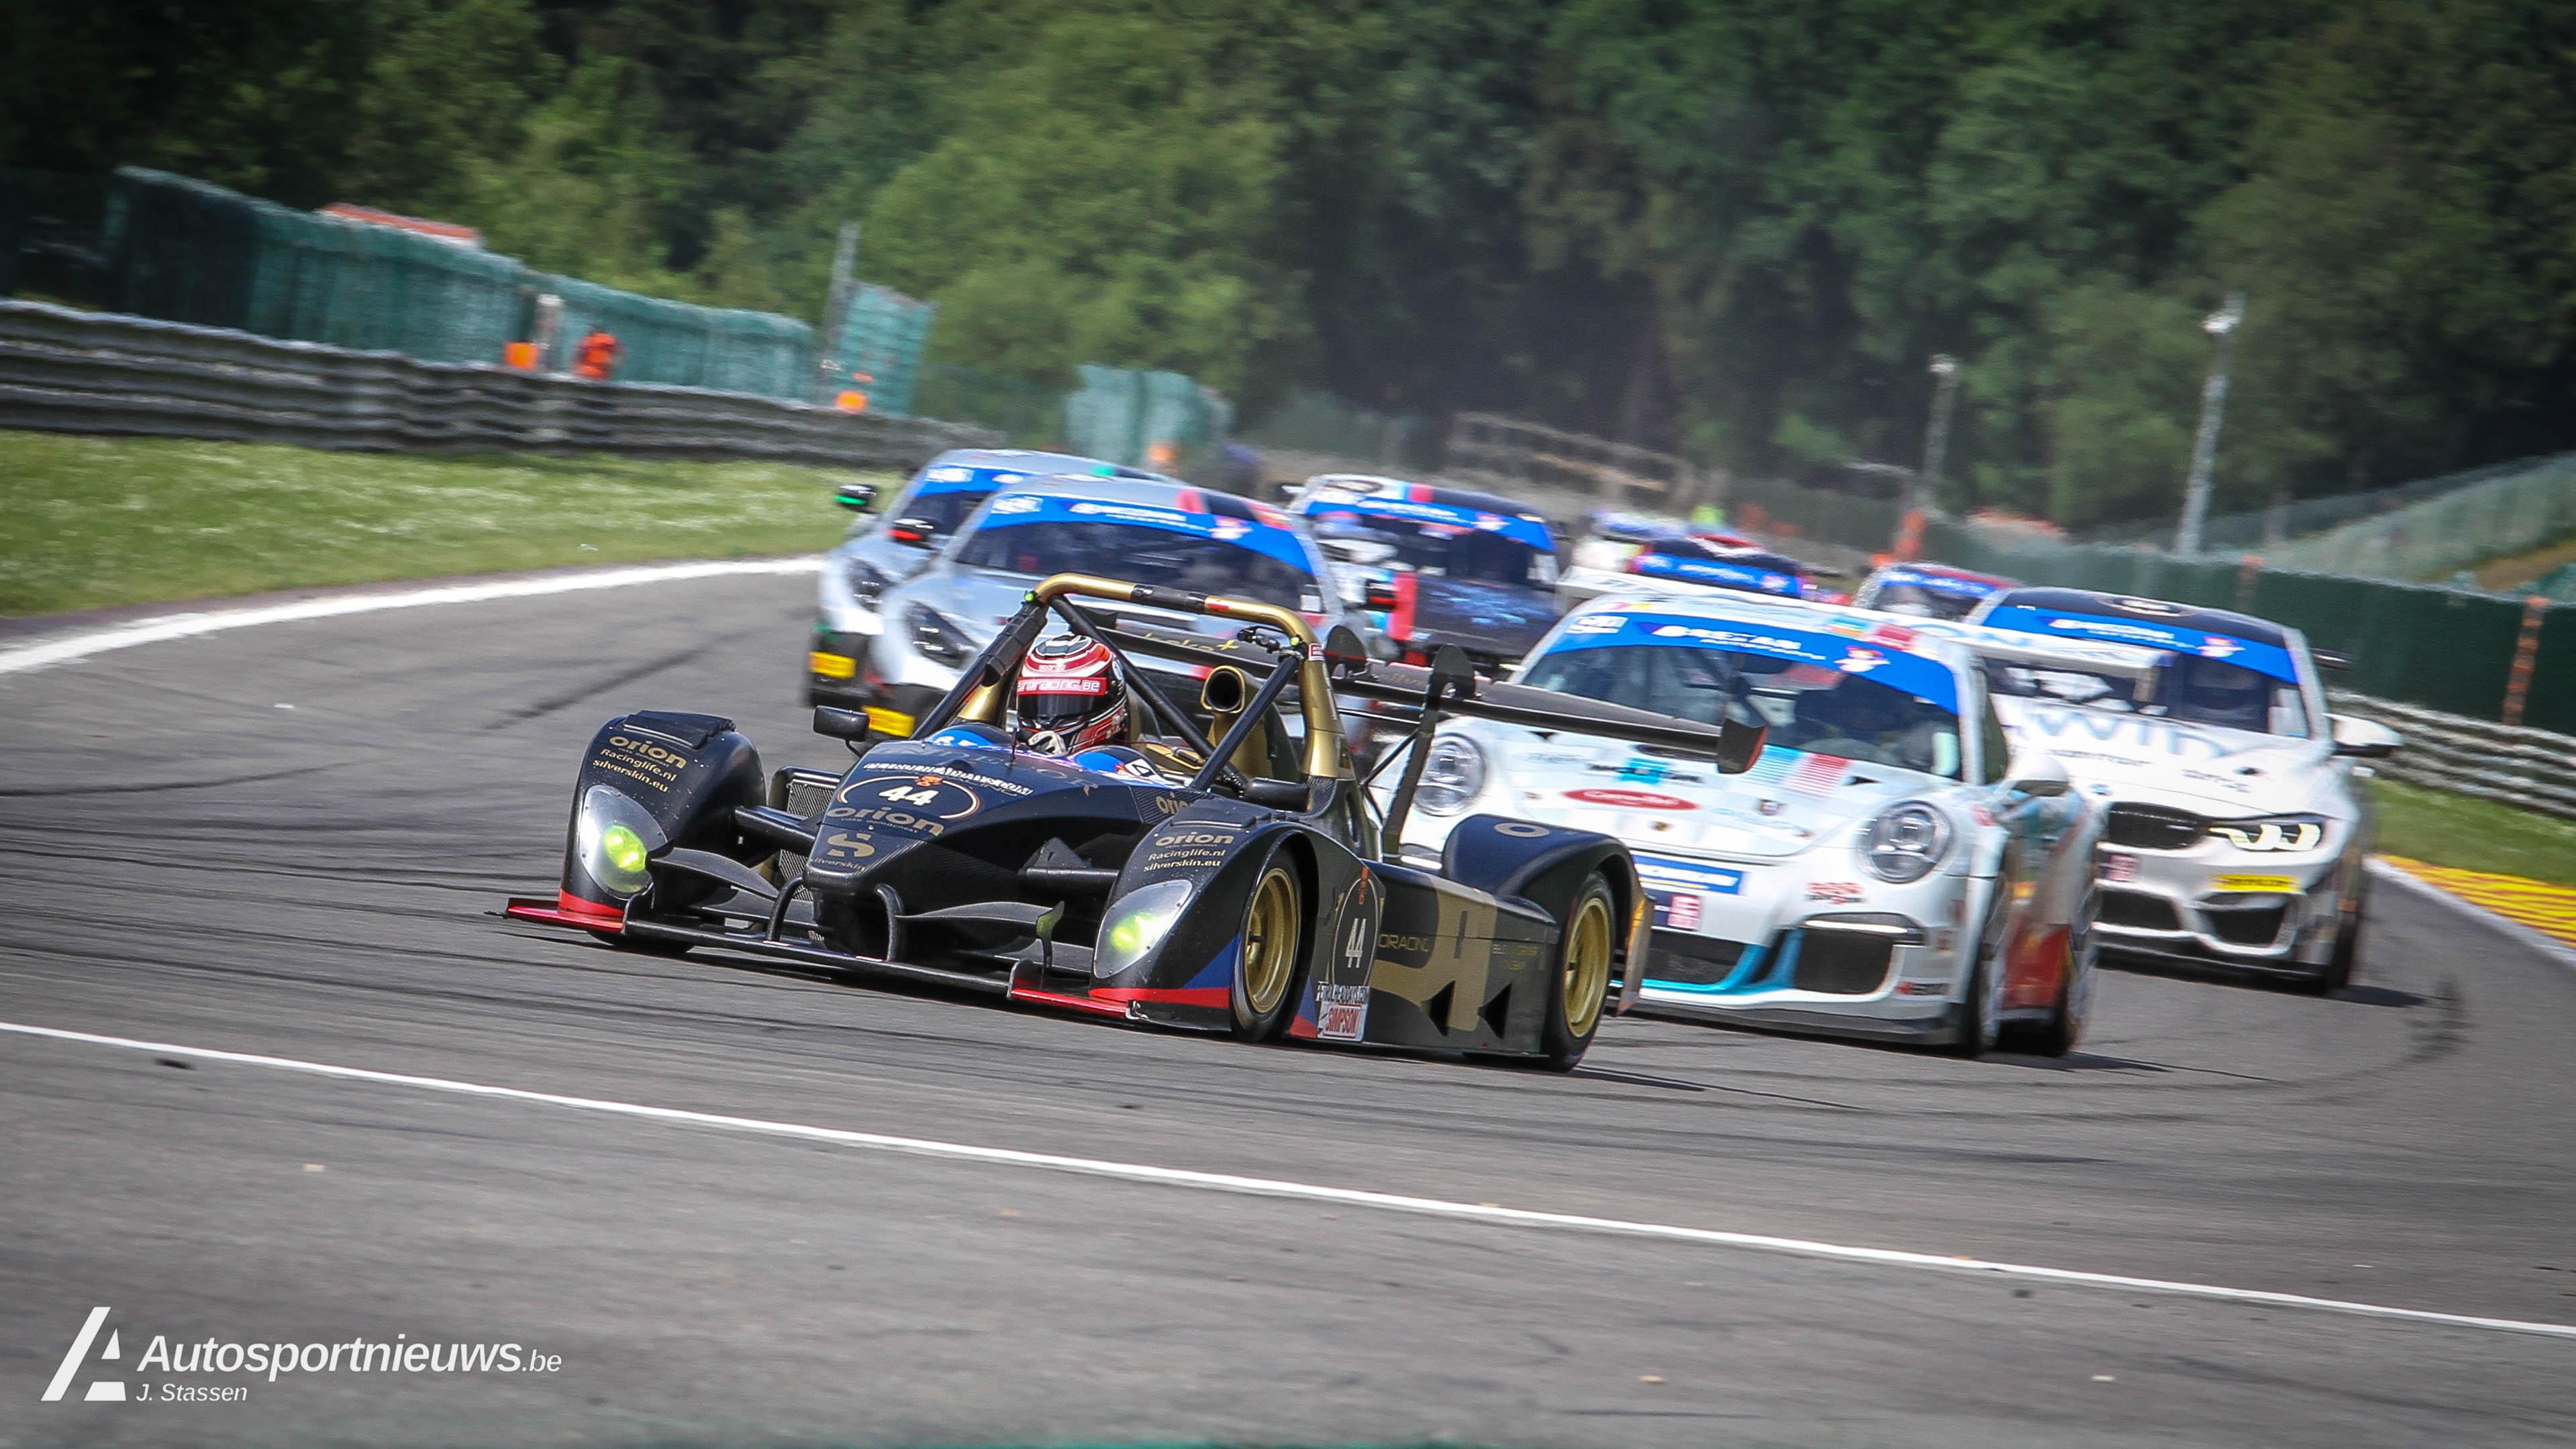 Intensiteit, het sleutelwoord van de Spa Euro Race 2018!